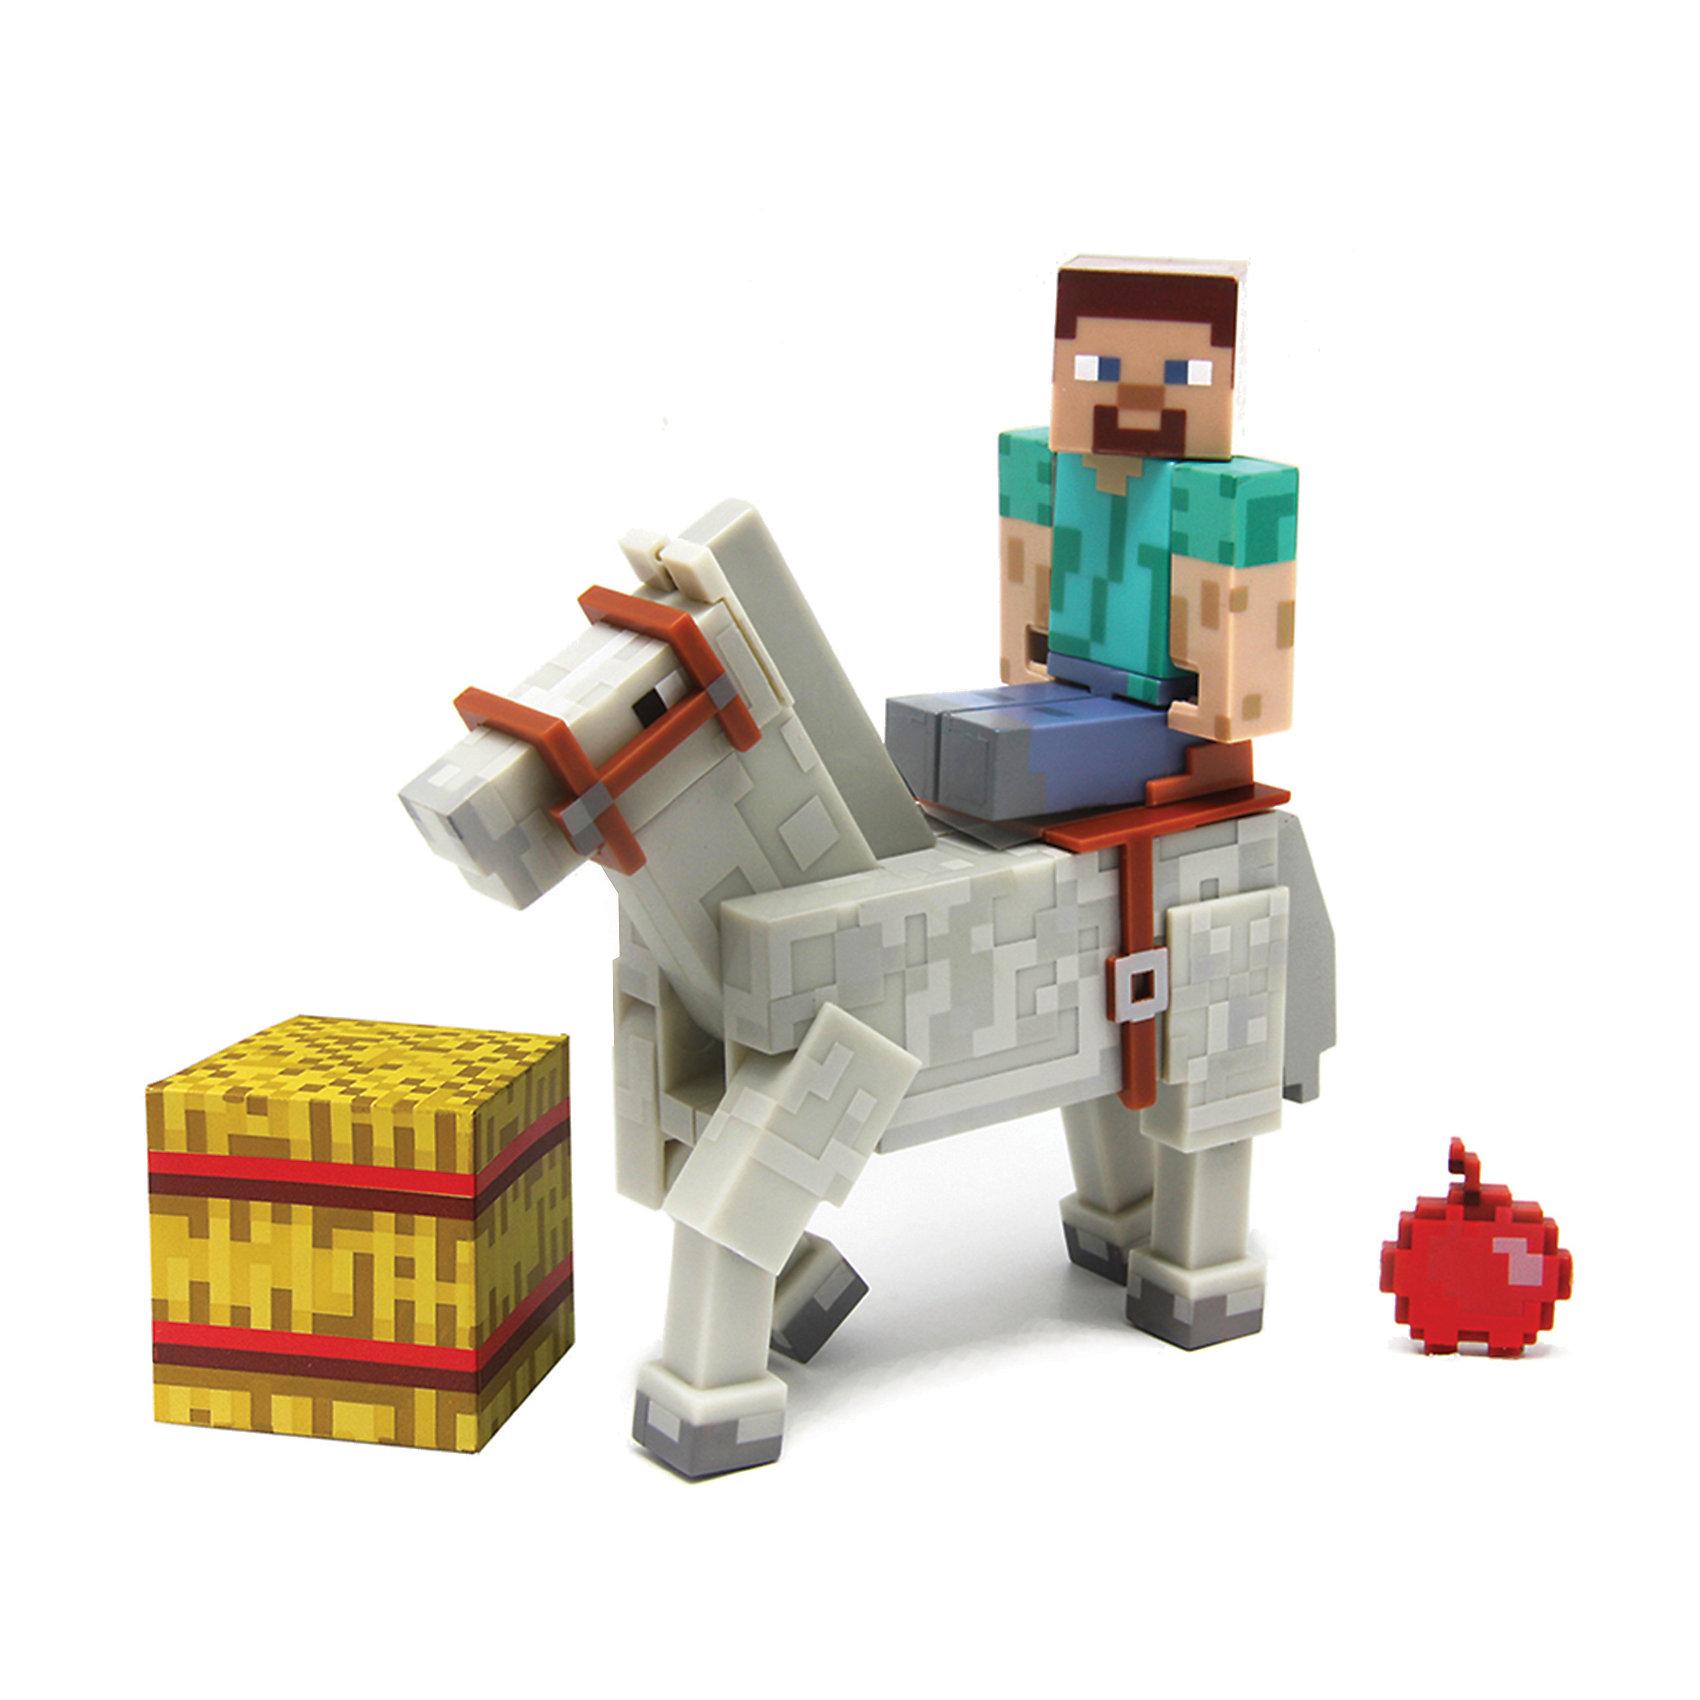 Jazwares Фигурка 2 в 1 Стив, 8 см, Minecraft 3 мягкая игрушка minecraft летучая мышь bat 16536 jazwares